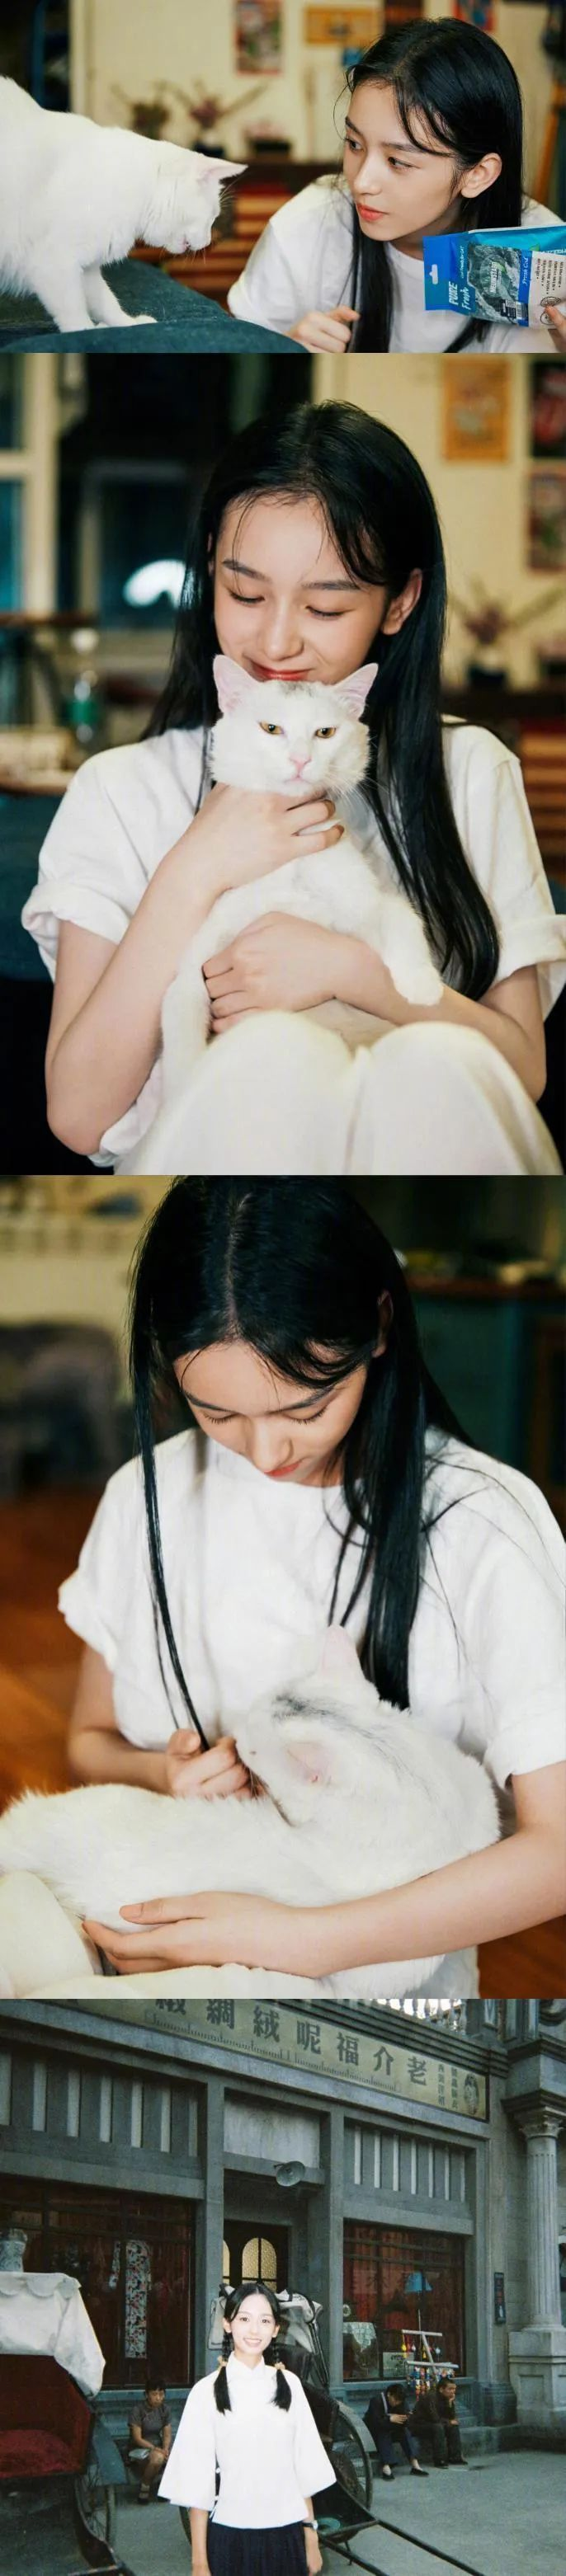 妹子写真 – 理想型的学姐学妹:周也、陈都灵小姐姐_图片 No.14